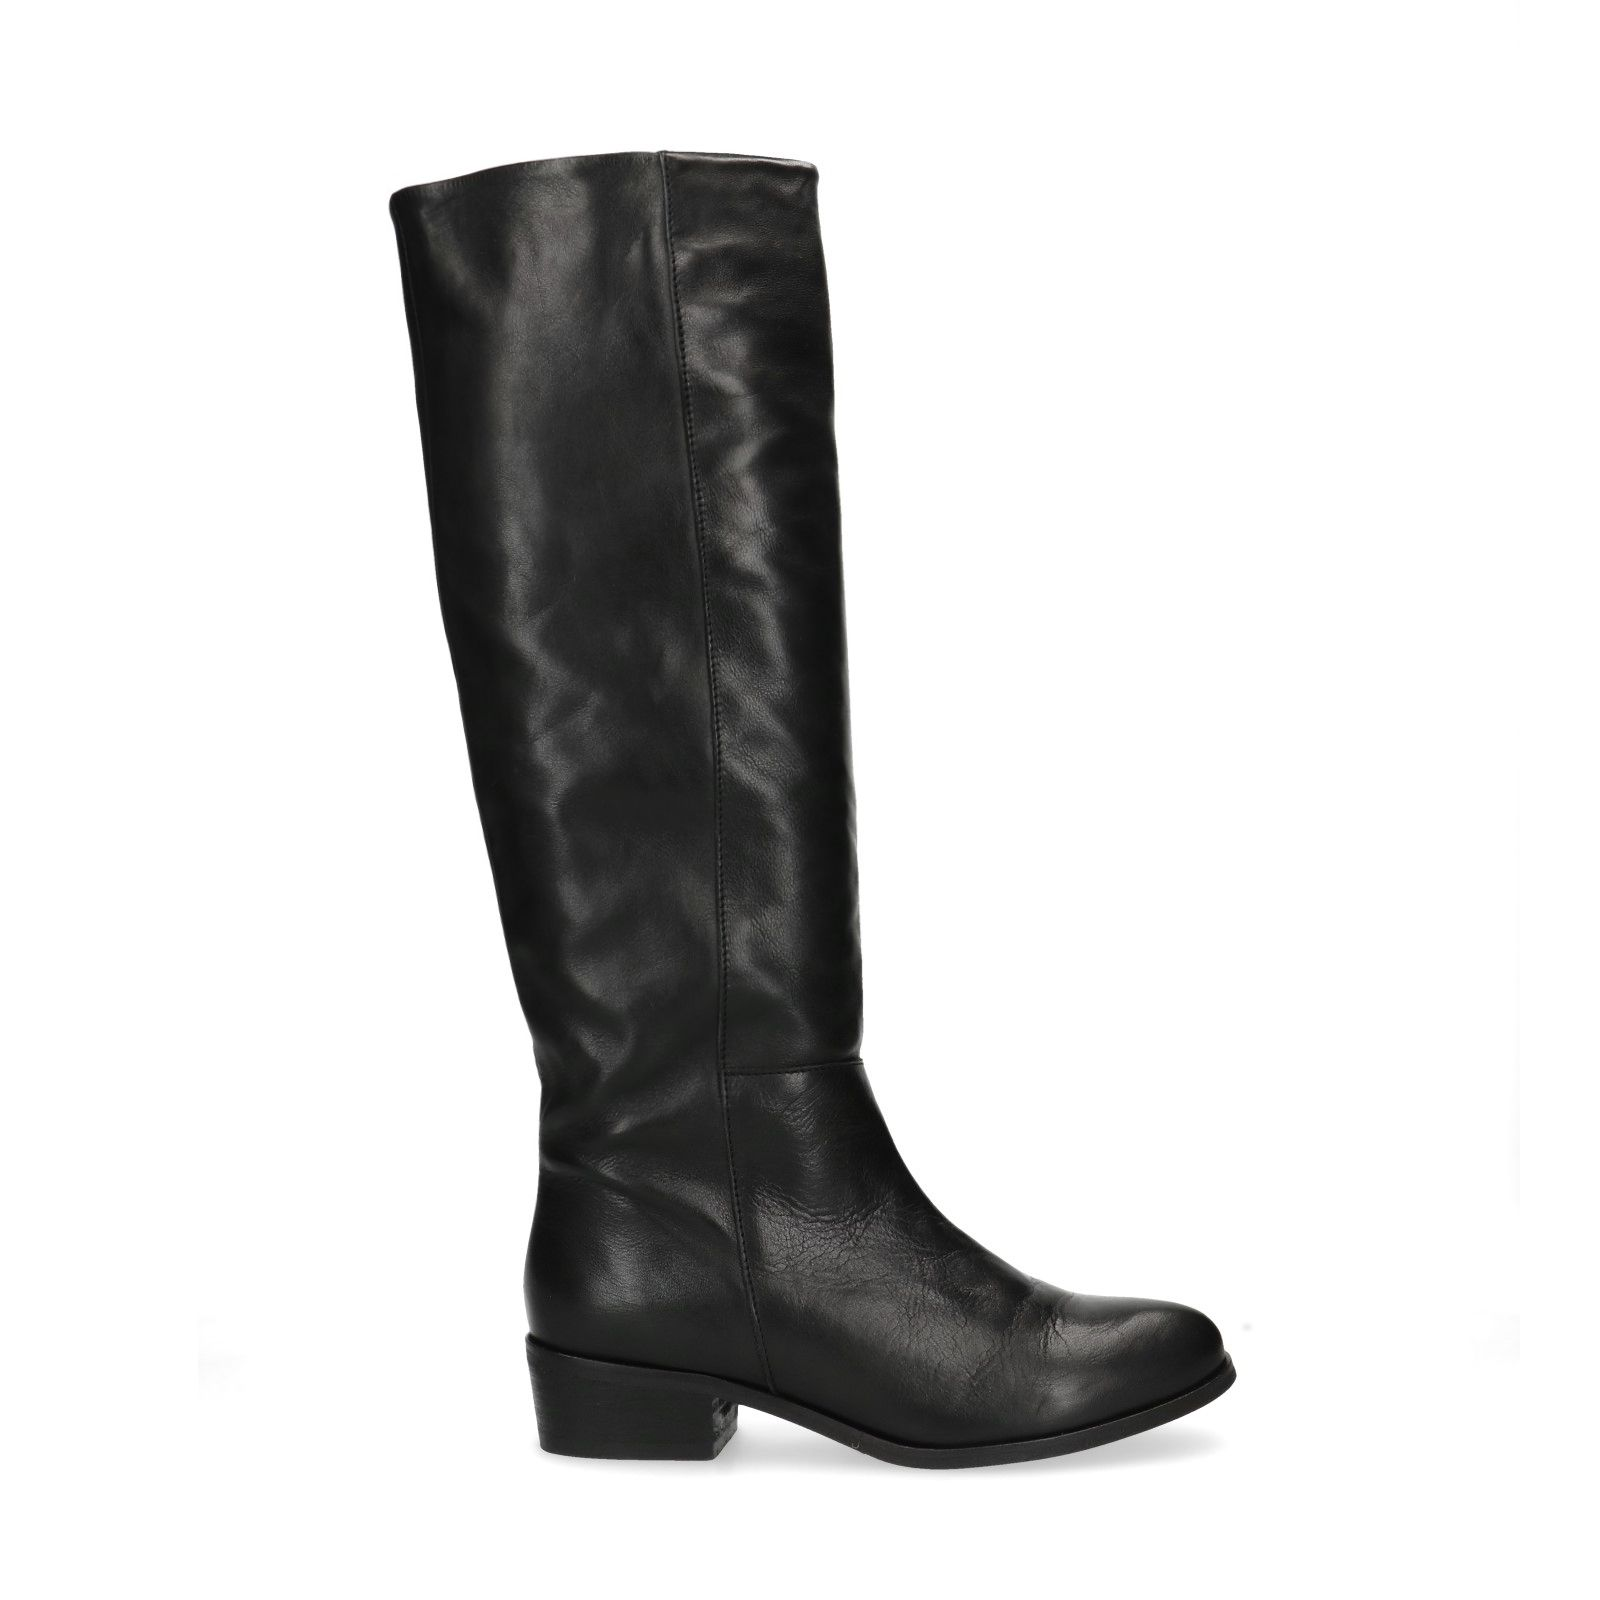 Hoge zwarte leren laarzen Dames | MANFIELD